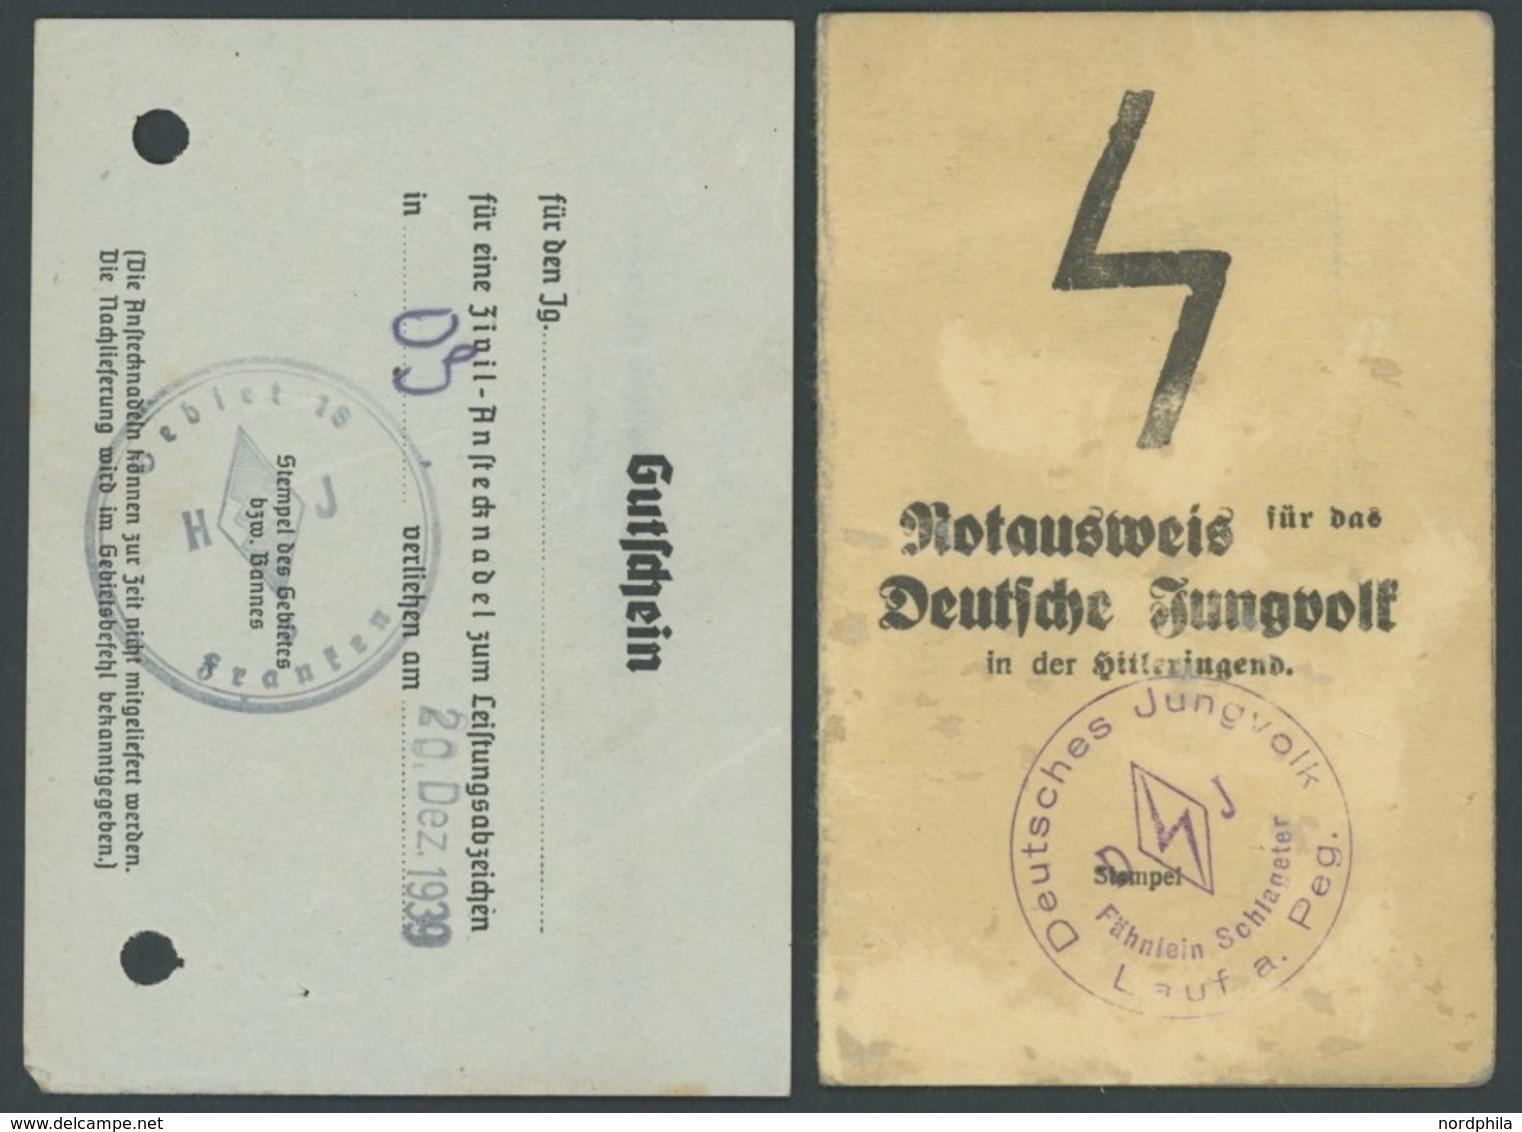 DT. GESCHICHTE/PROPAGANDA 1919-45 1939, Notausweis Für Das Deutsche Jungvolk In Der Hitlerjugend Sowie Gutschein Für Ein - Non Classés